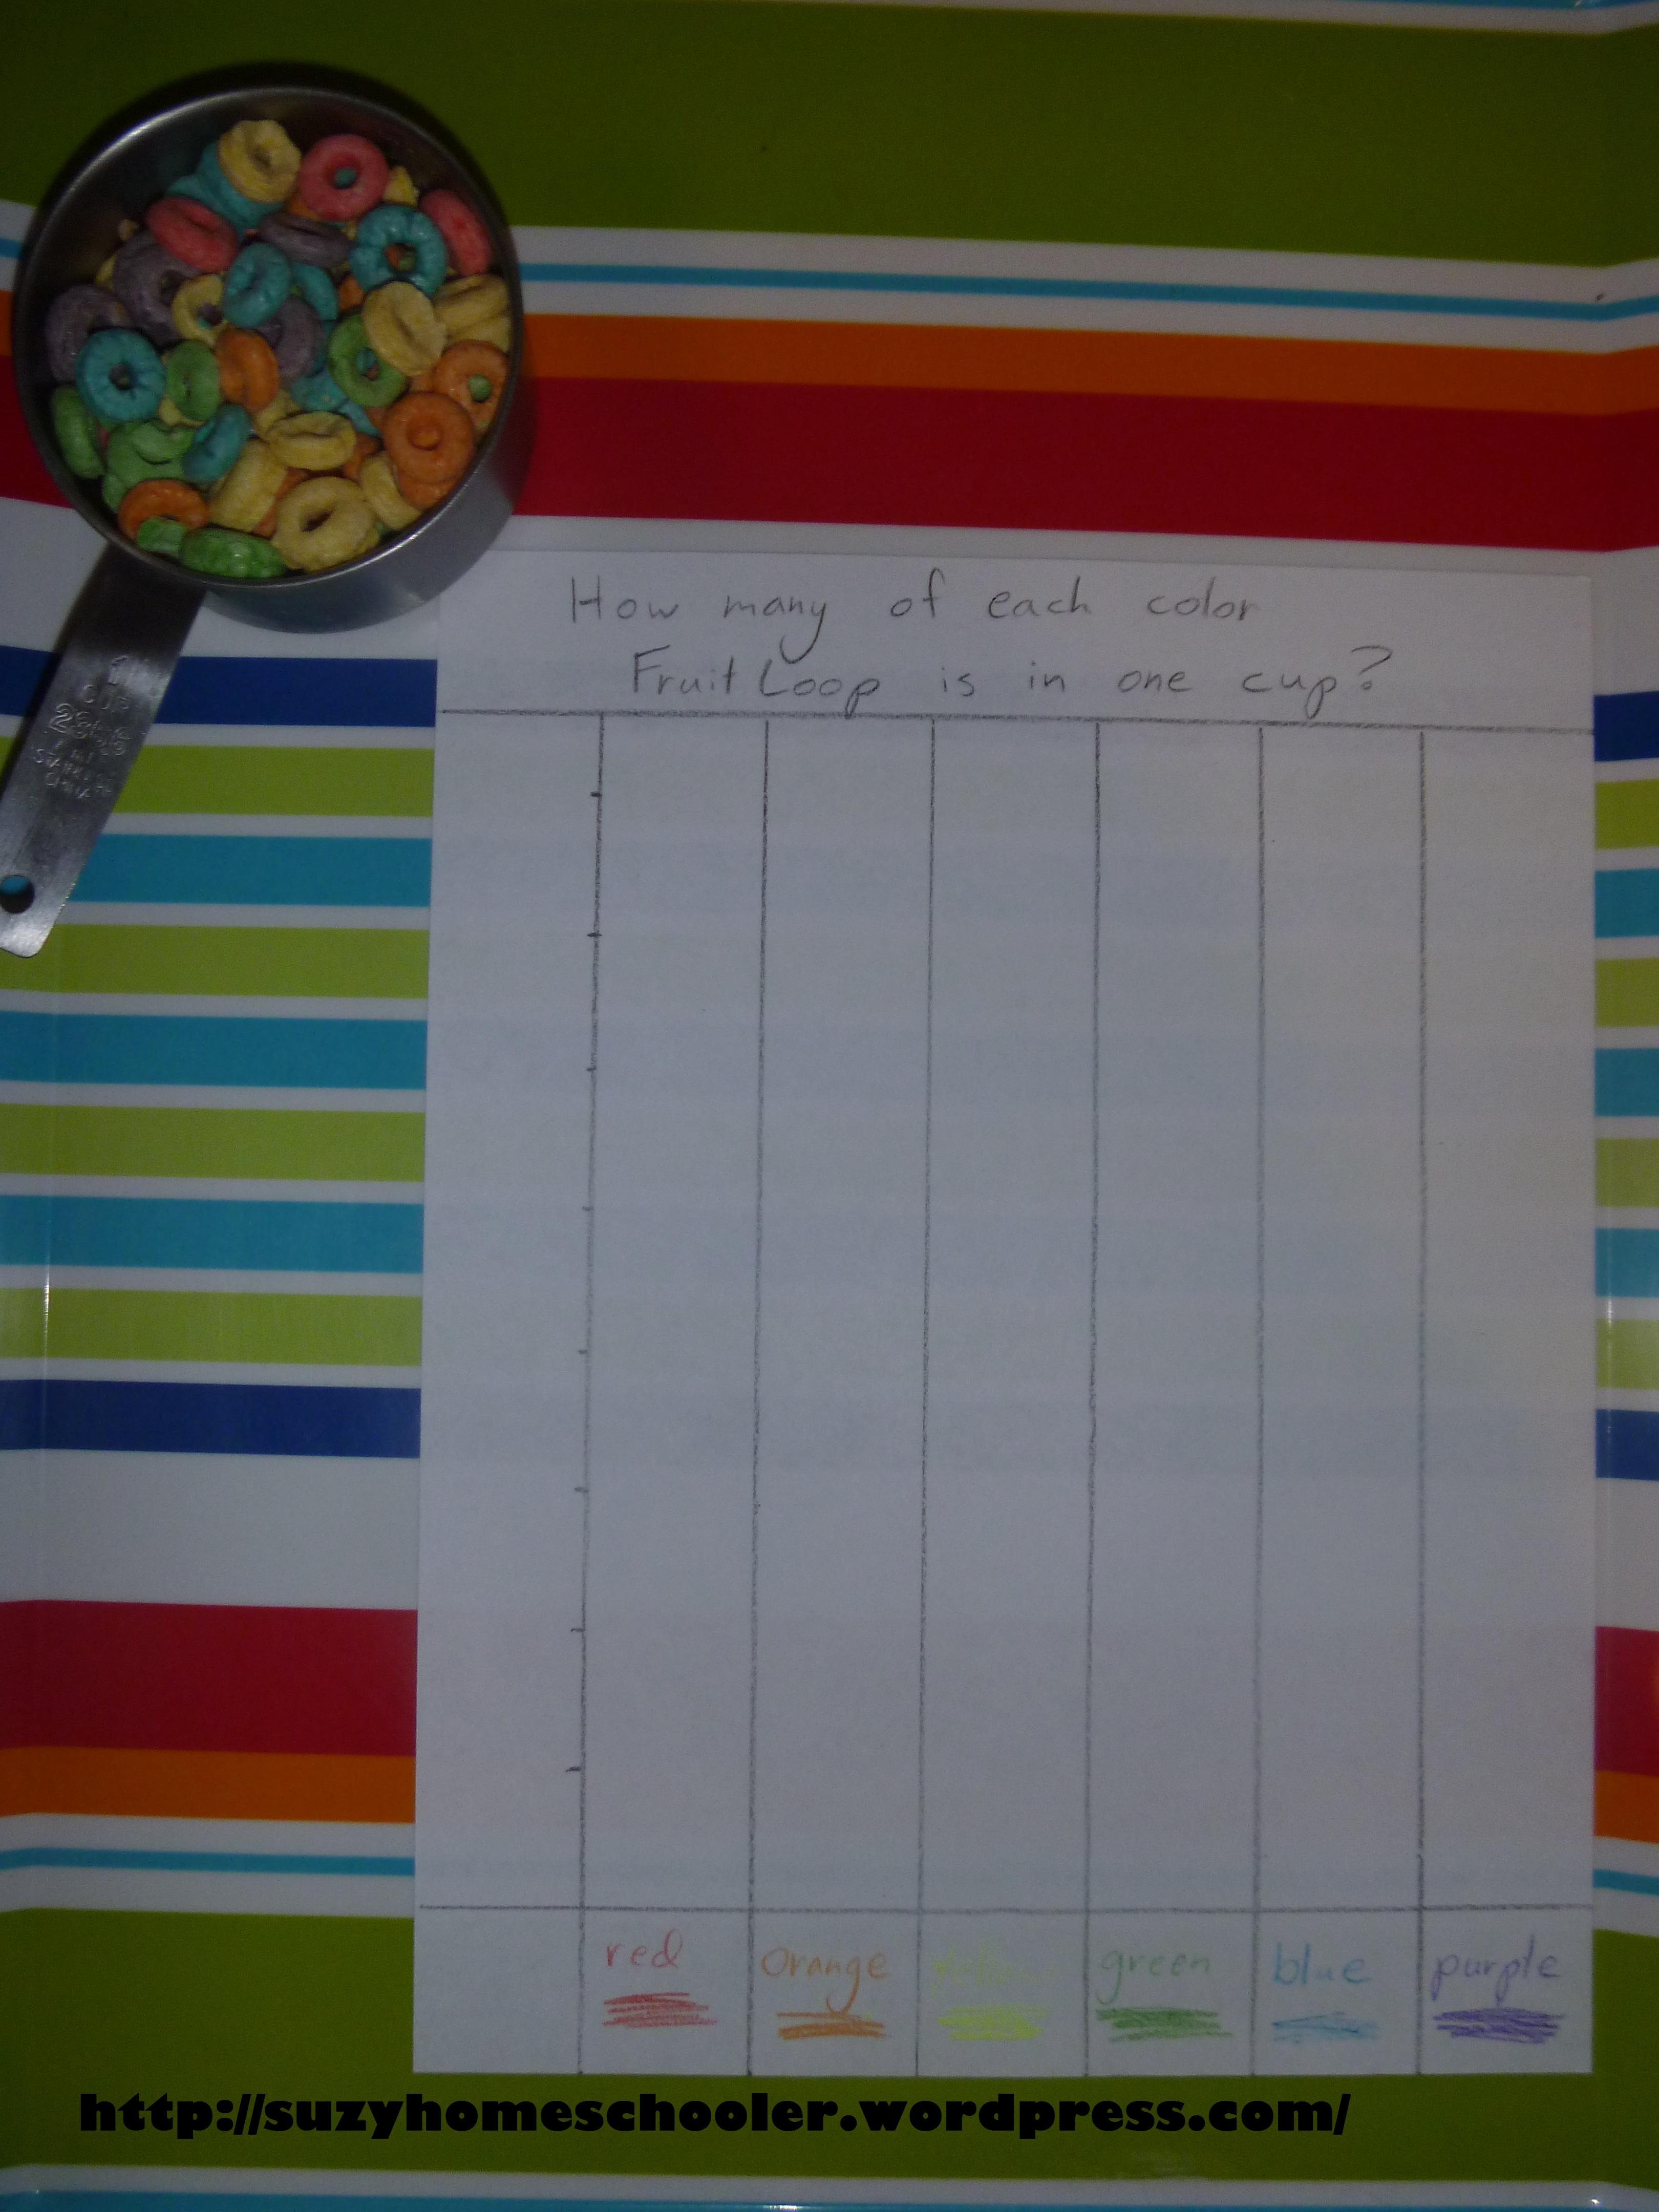 Fruit Loop Graphing Worksheets For Preschool Fruit Best Free Printable Worksheets